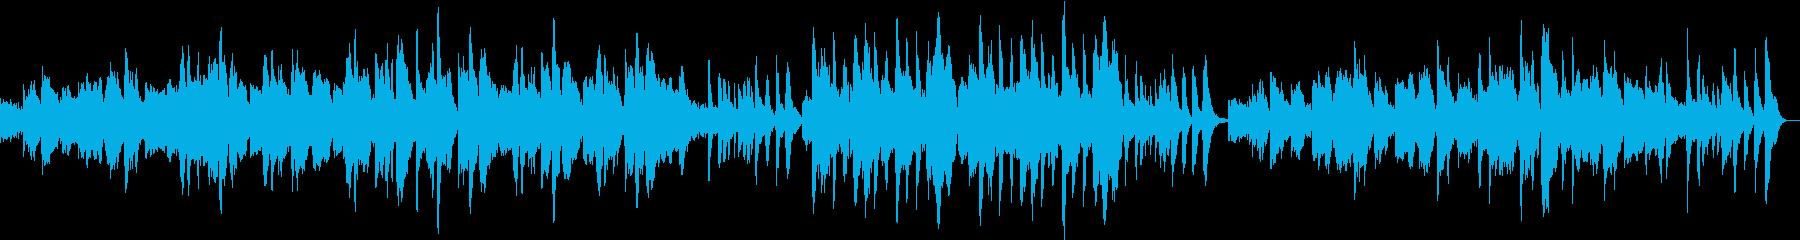 篠笛がメインのしっとりとした曲の再生済みの波形